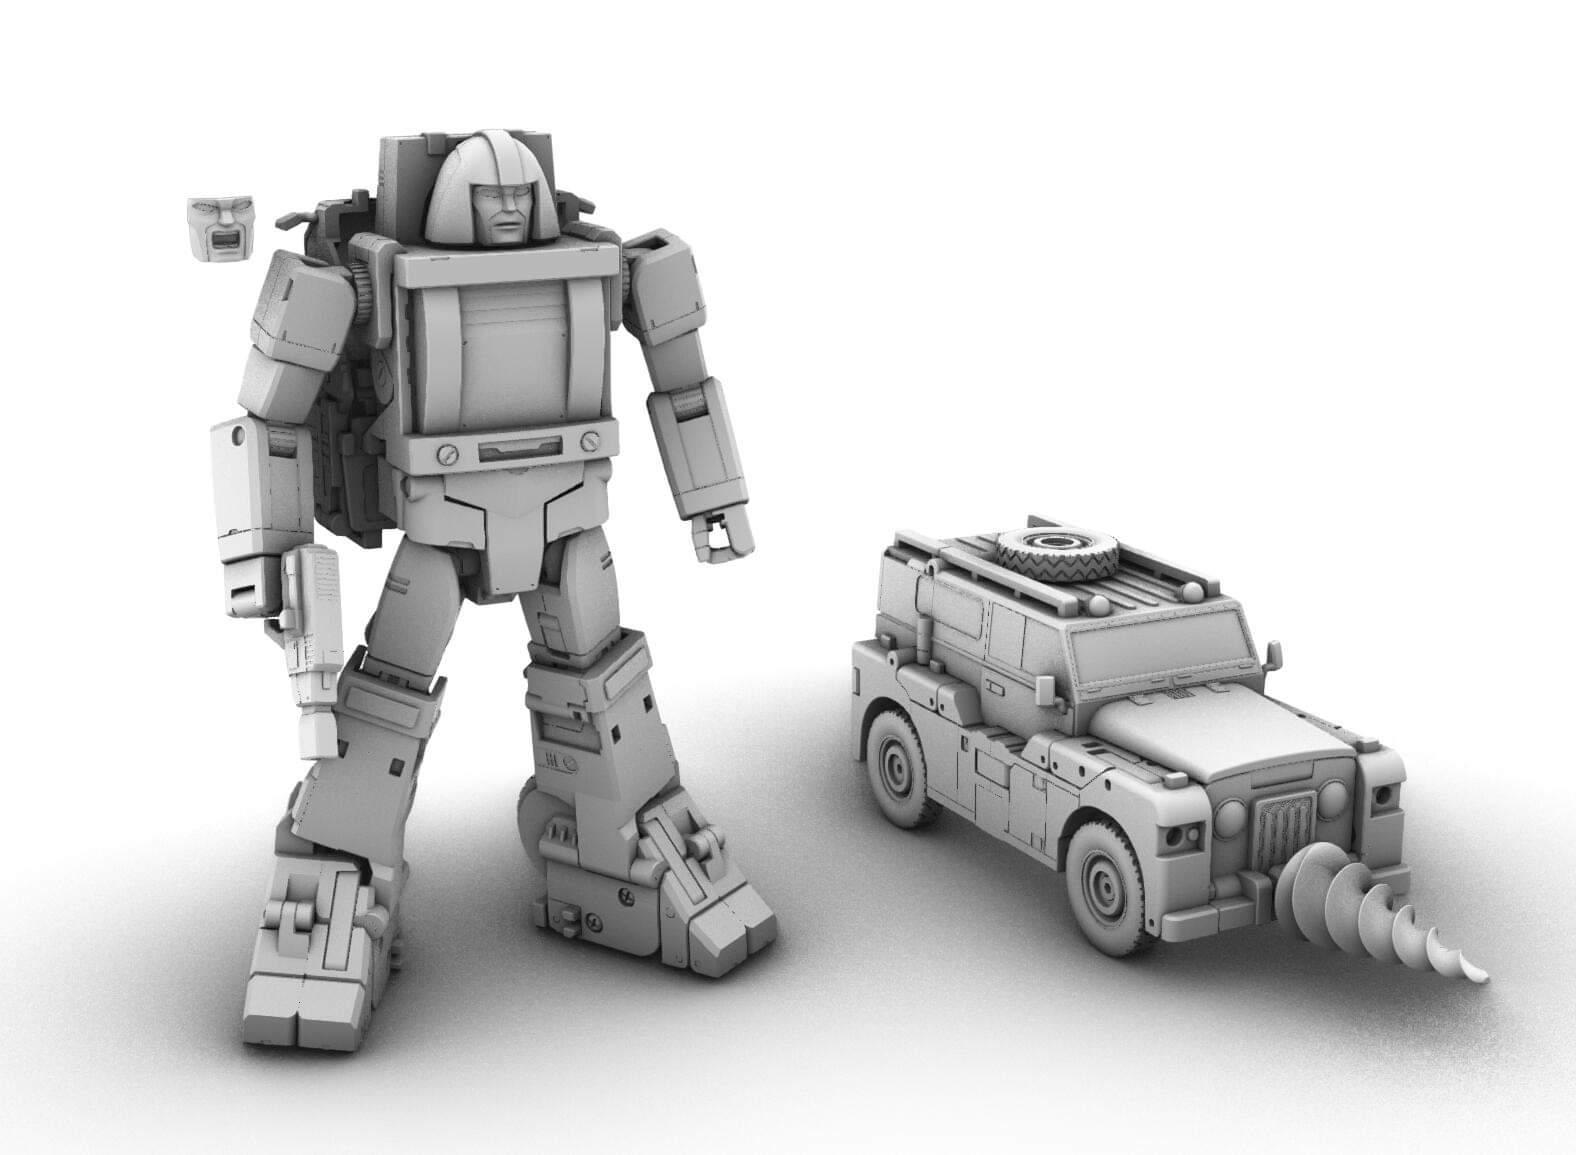 [Fanstoys] Produit Tiers - Minibots MP - Gamme FT - Page 2 WAndbCoh_o